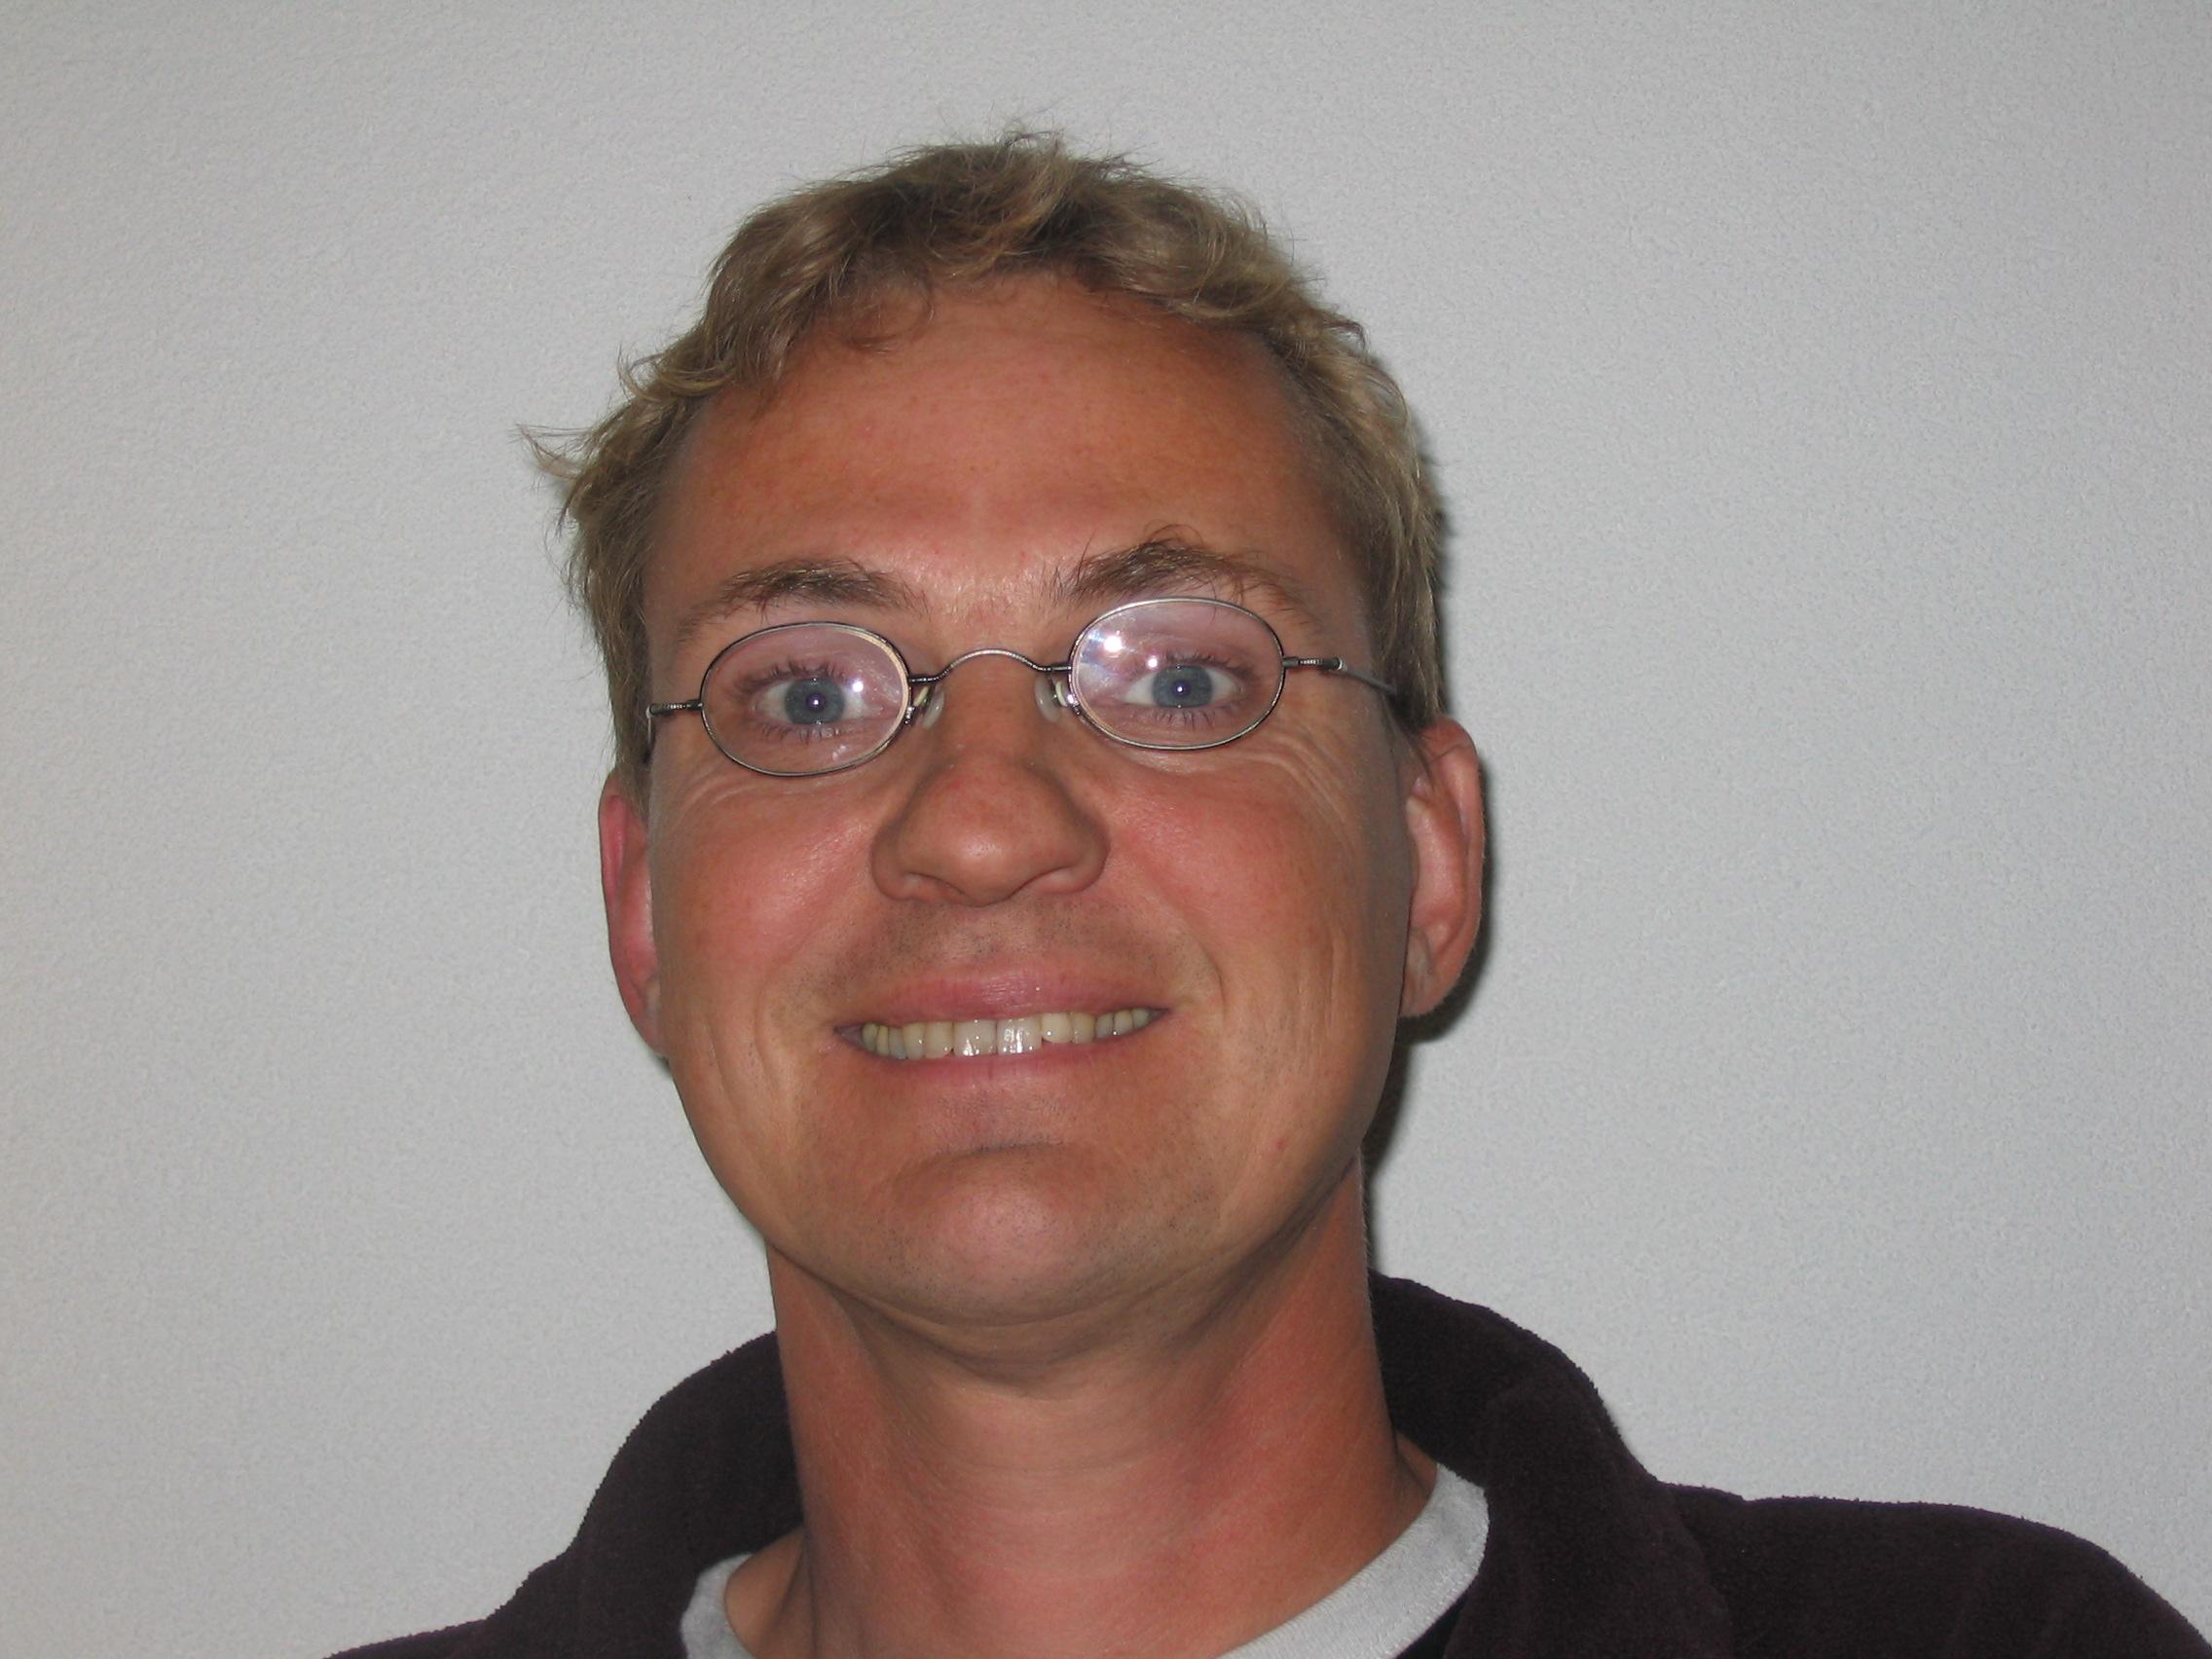 Ed van Hoolwerff